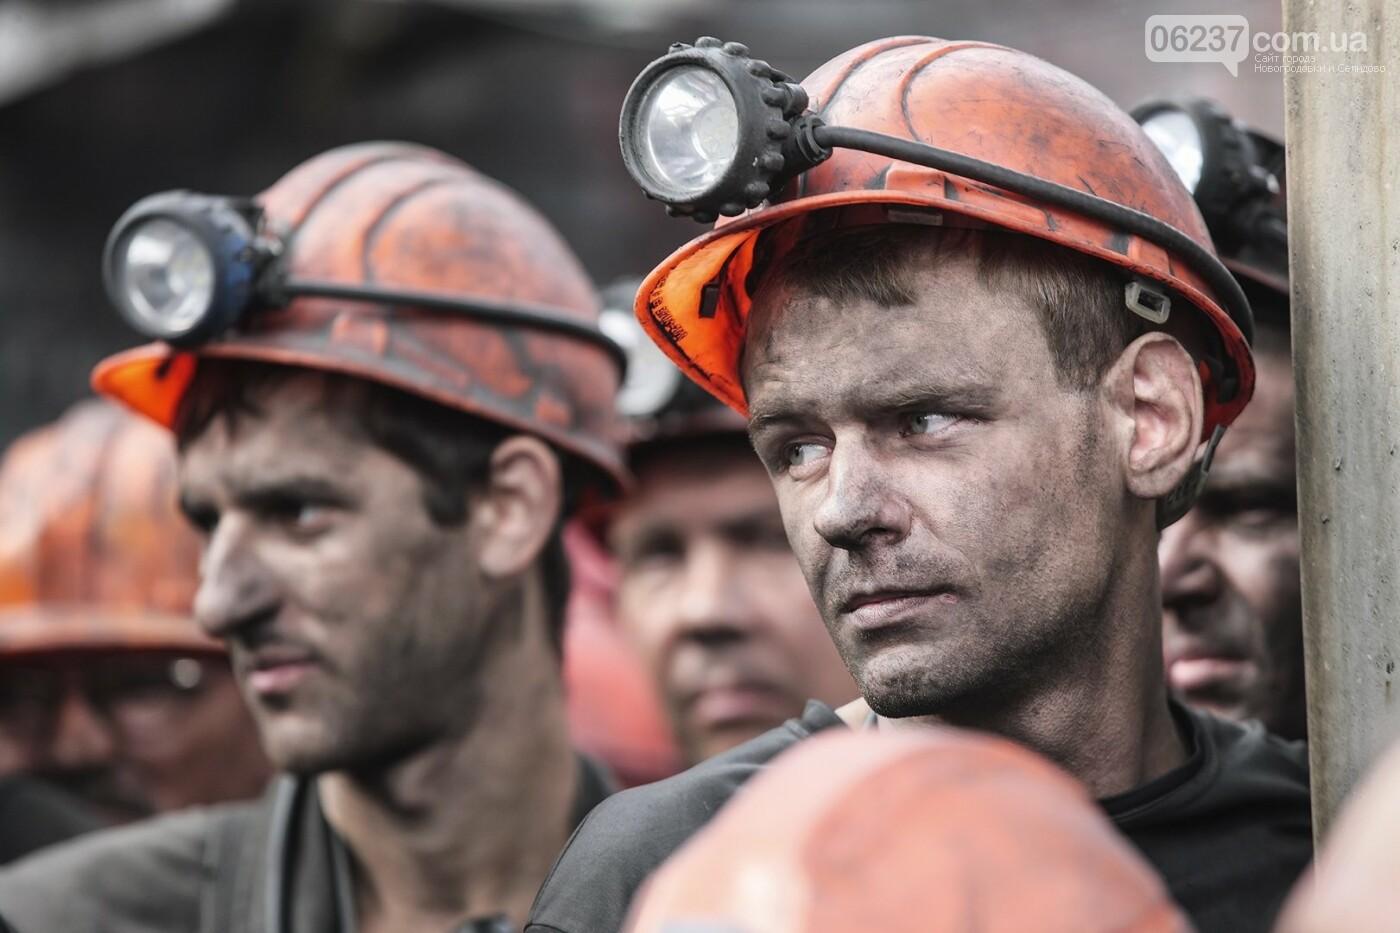 Денег нет, но вы держитесь: на шахте им. Засядько в Донецке отменили дневные автобусы для рабочих, а «про зарплату – тишина», фото-1